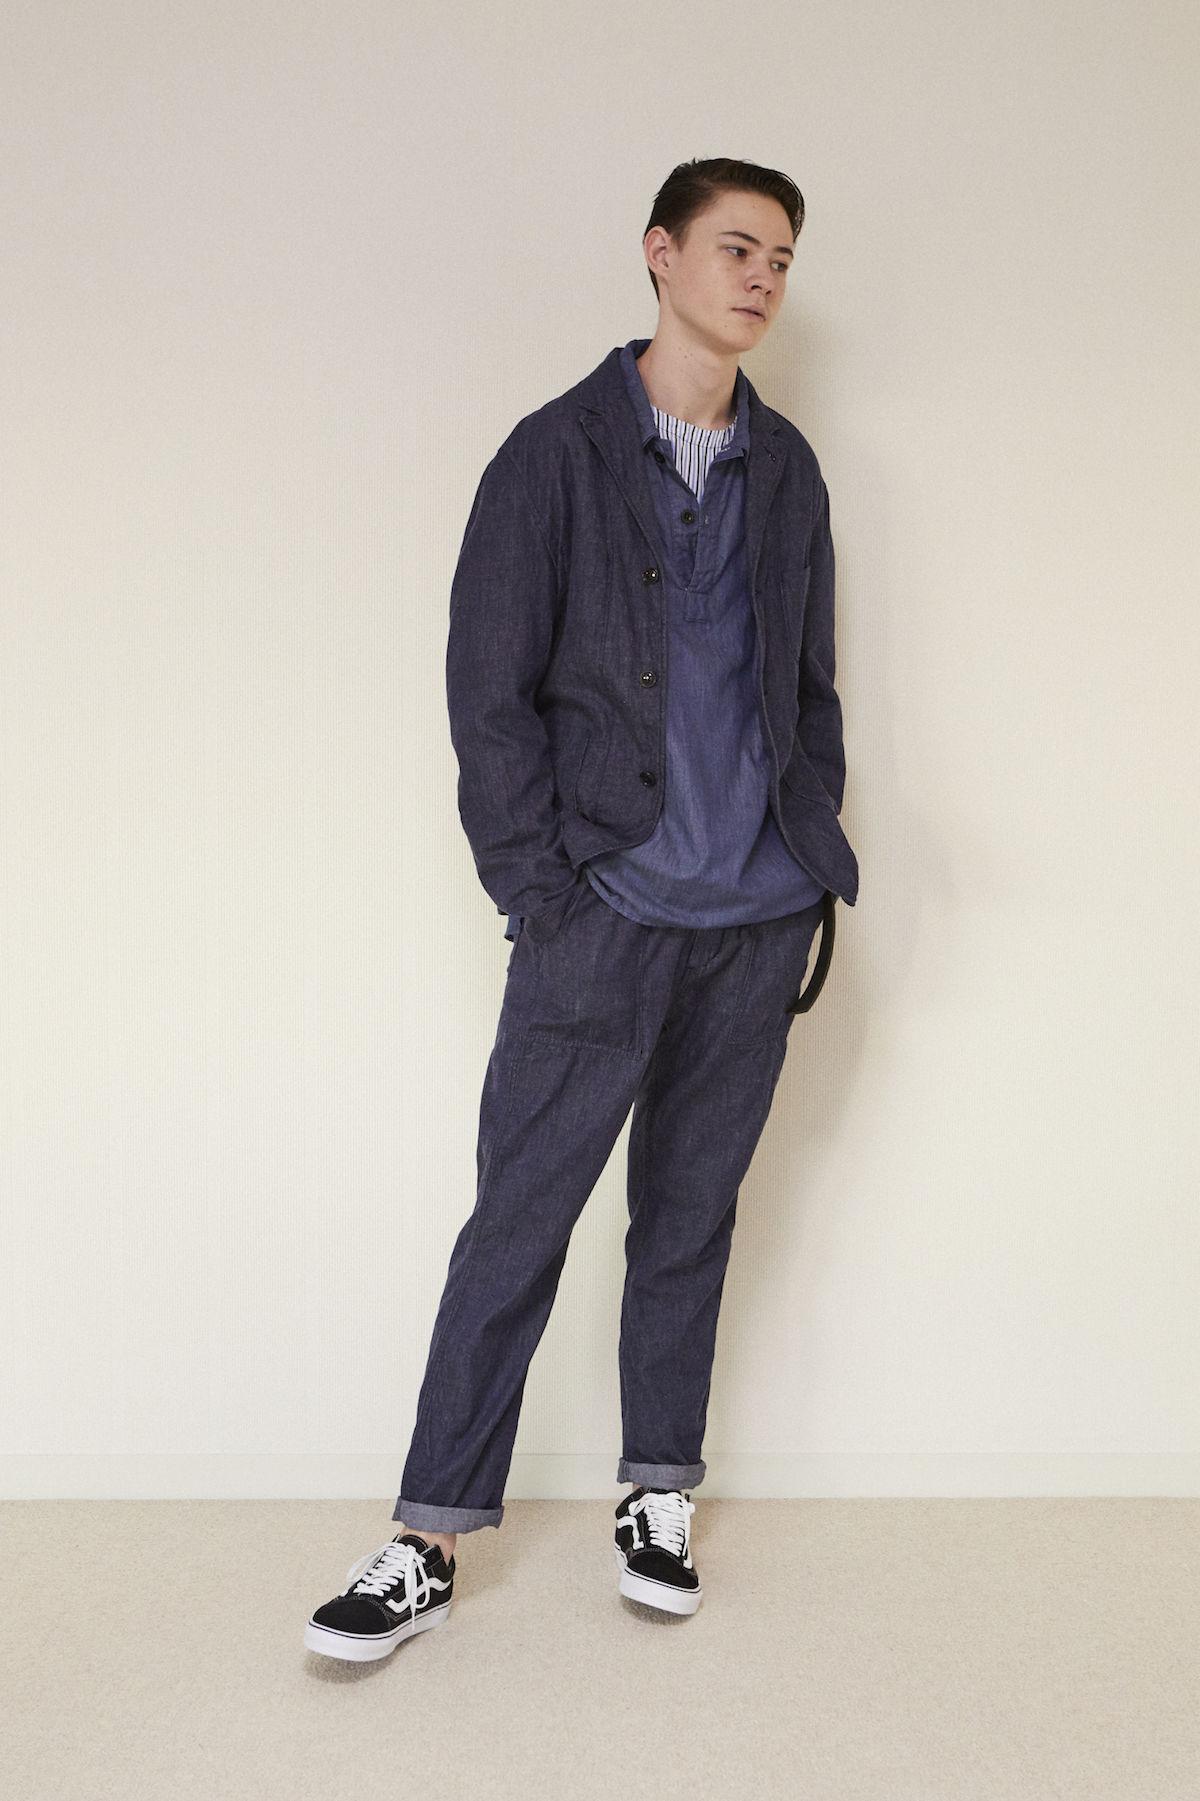 【ルック】ストリートとモード、ビジネスを横断。ブランド「BLANCK」を知ってる?ナノ・ユニバースでポップアップも! fashion180309_blanck6-1200x1801